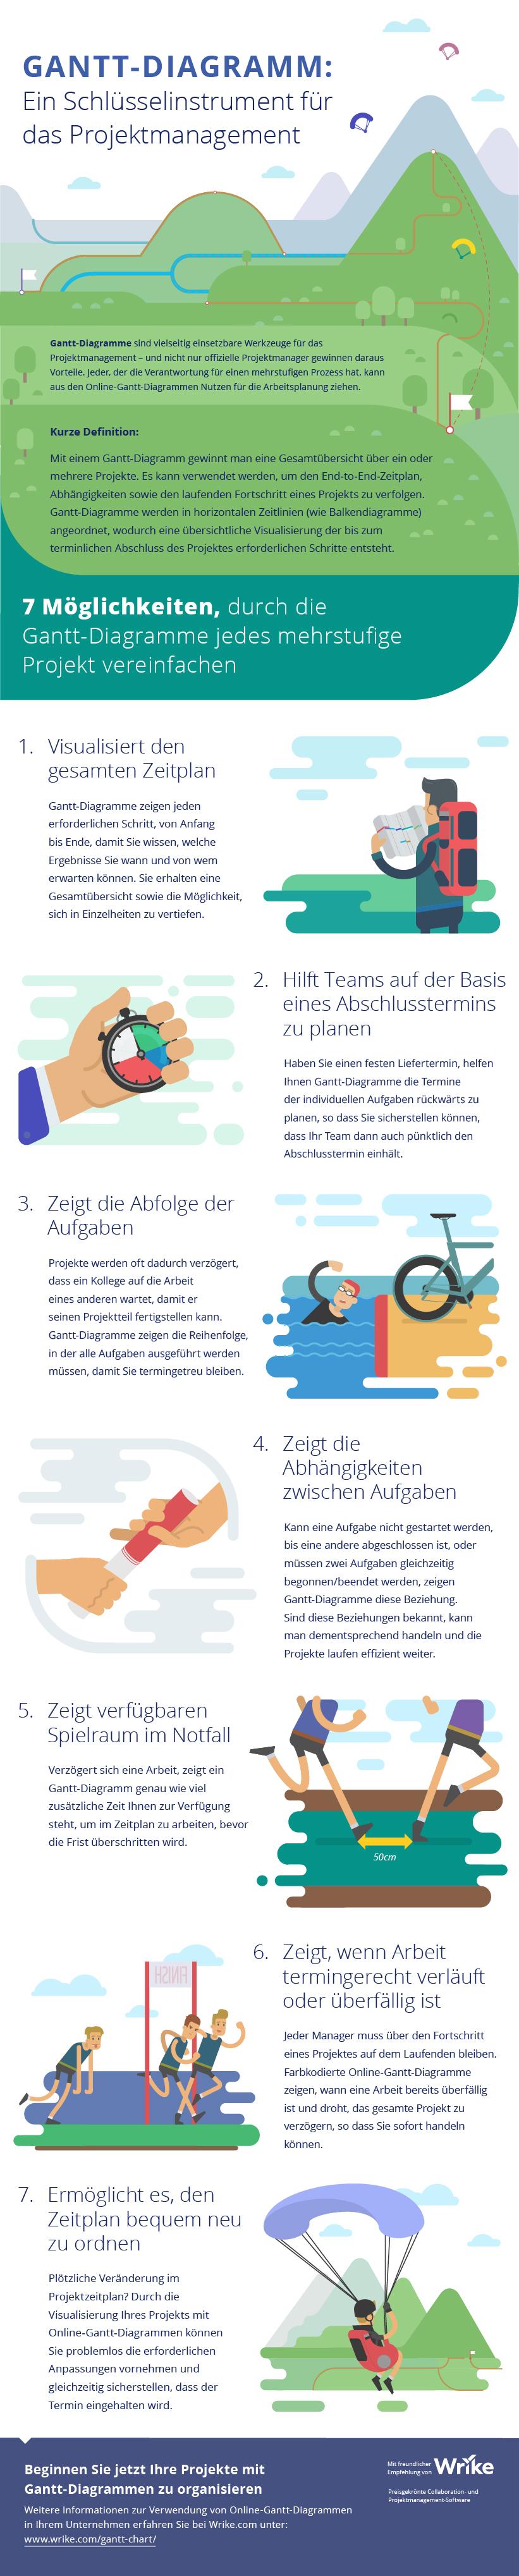 Digitale Gantt-Diagramme: Ein Schlüsselinstrument im Projektmanagement (#Infografik)